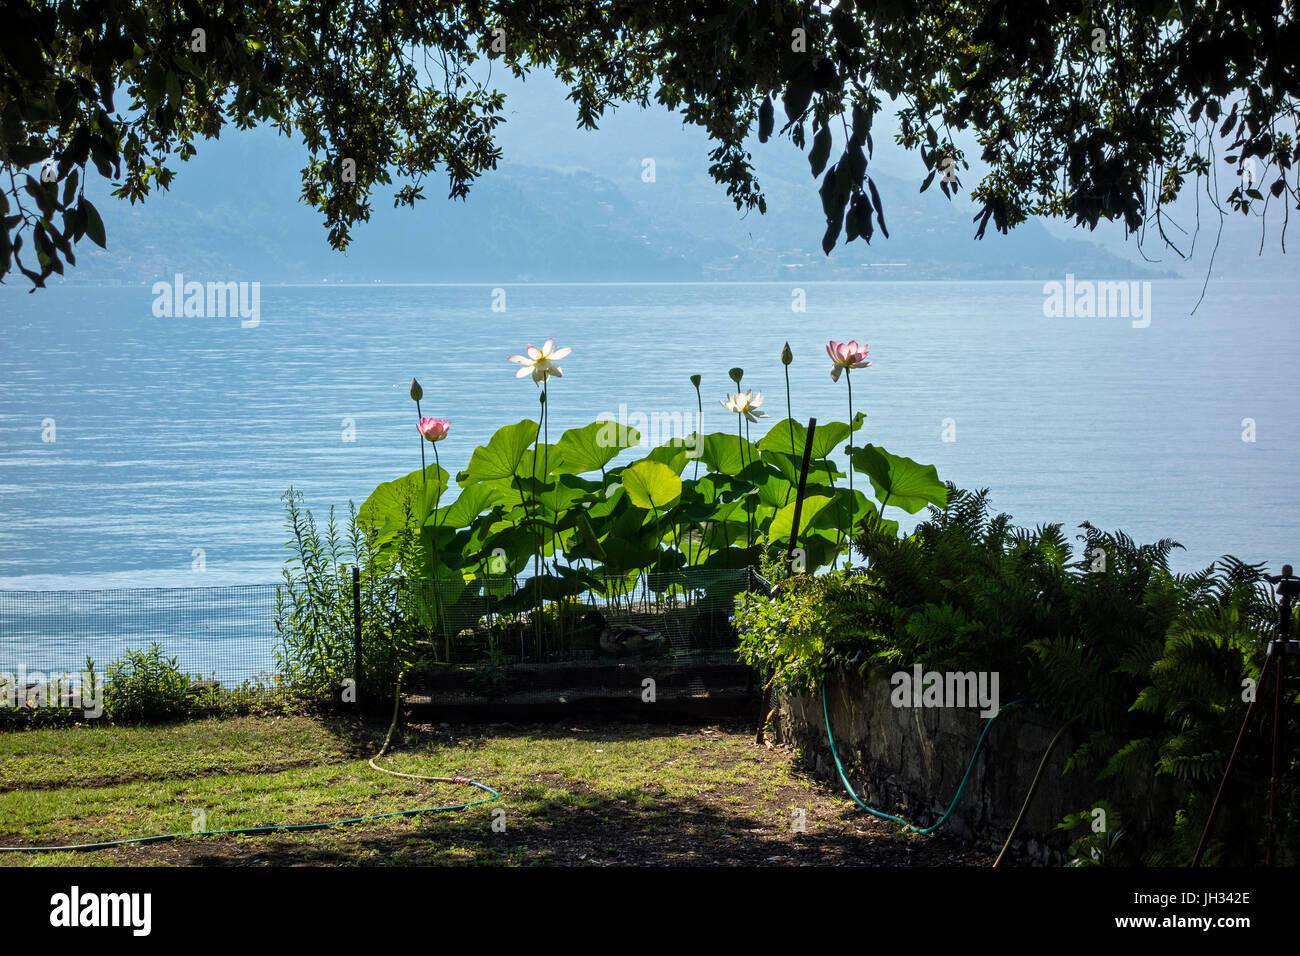 Riva Di Solto, Lago Iseo, Italy - Stock Image